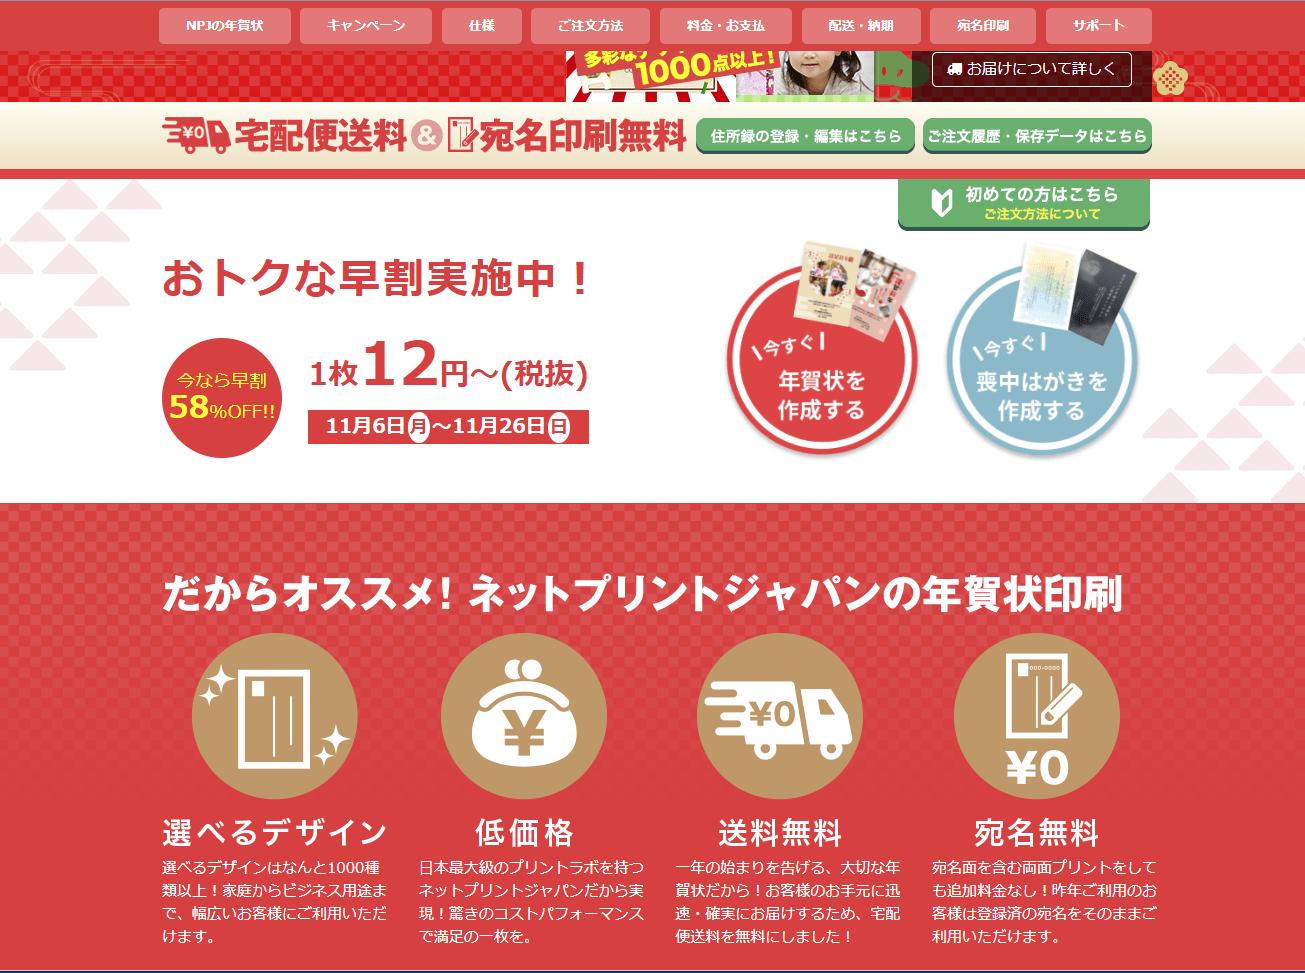 格安でも高品質の年賀状印刷【ネットプリントジャパン】